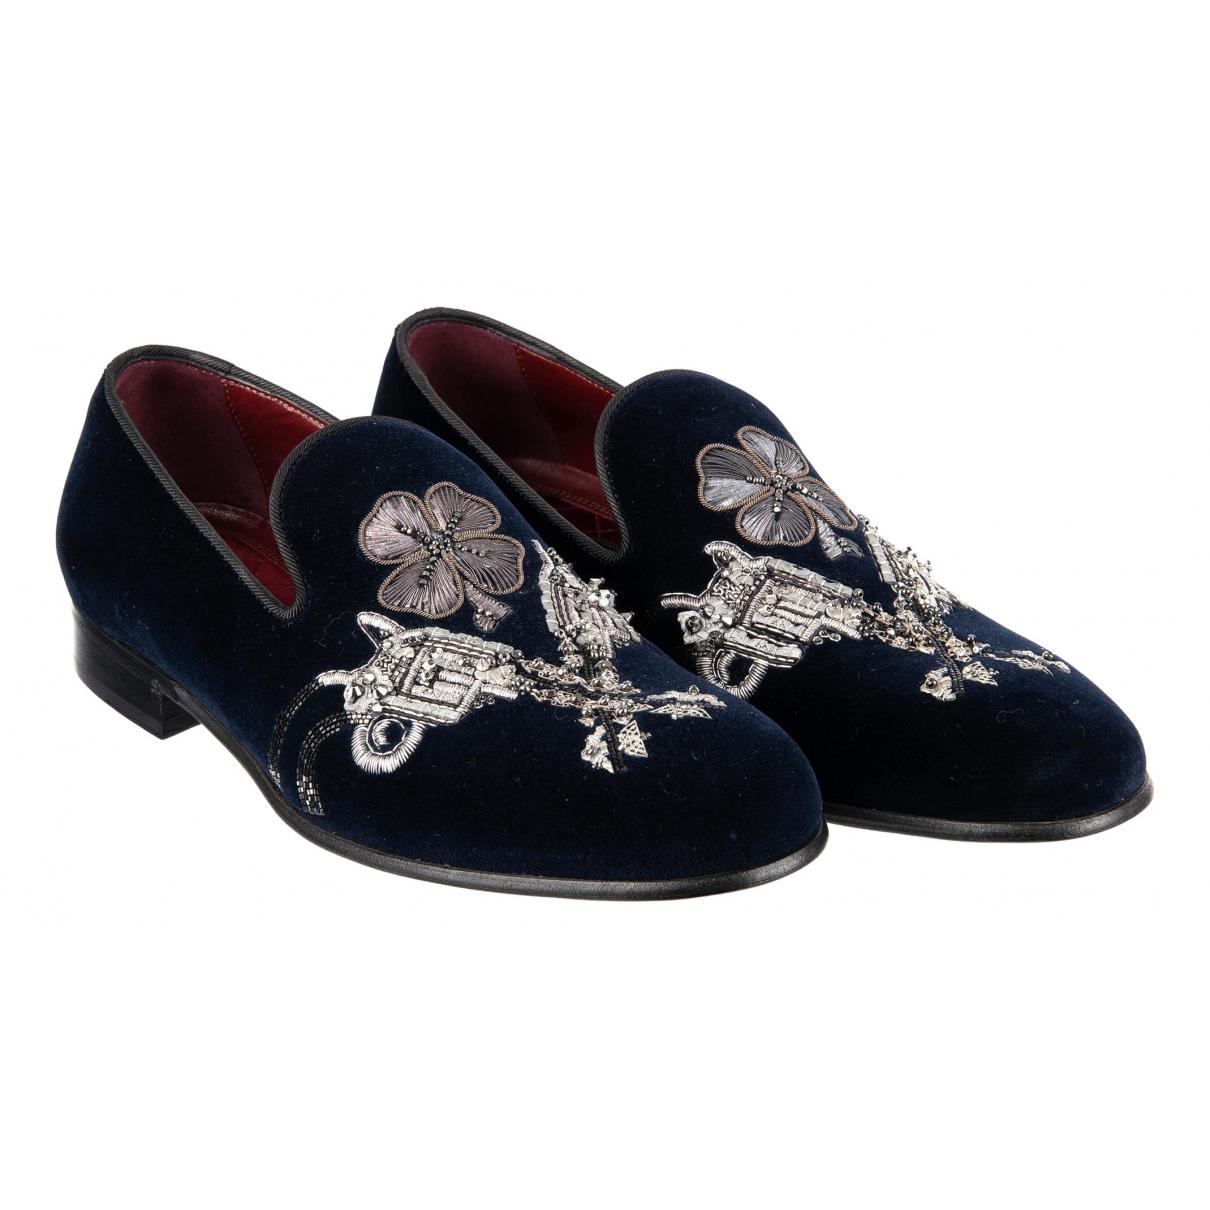 Dolce & Gabbana N Navy Velvet Flats for Men 43 EU